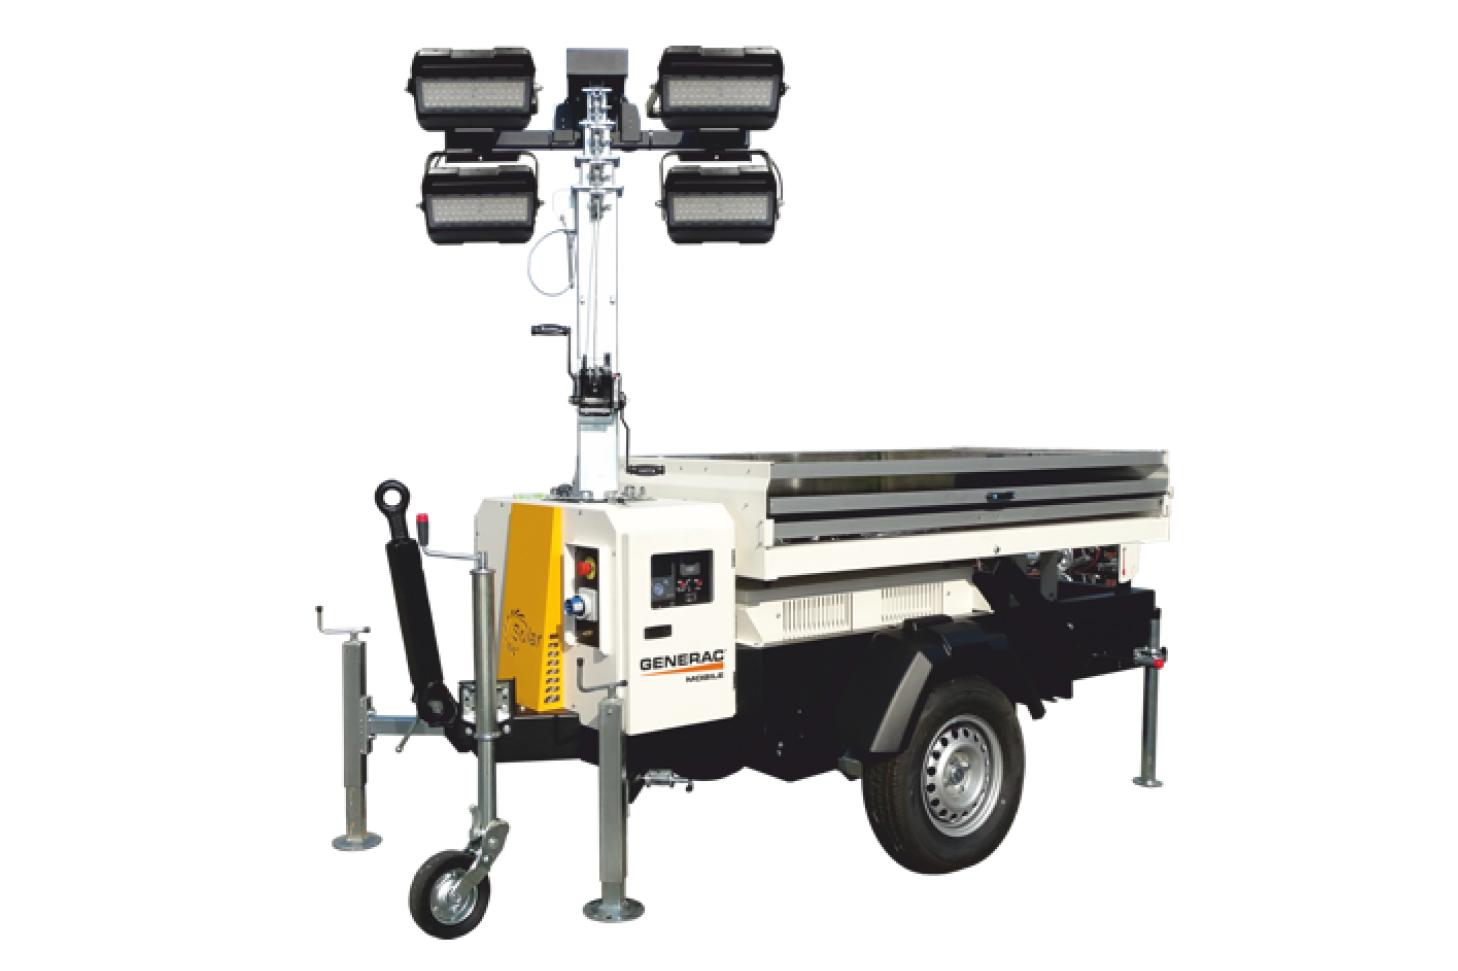 GENERAC MOBILE VT-Solar Электрическая осветительная мачта